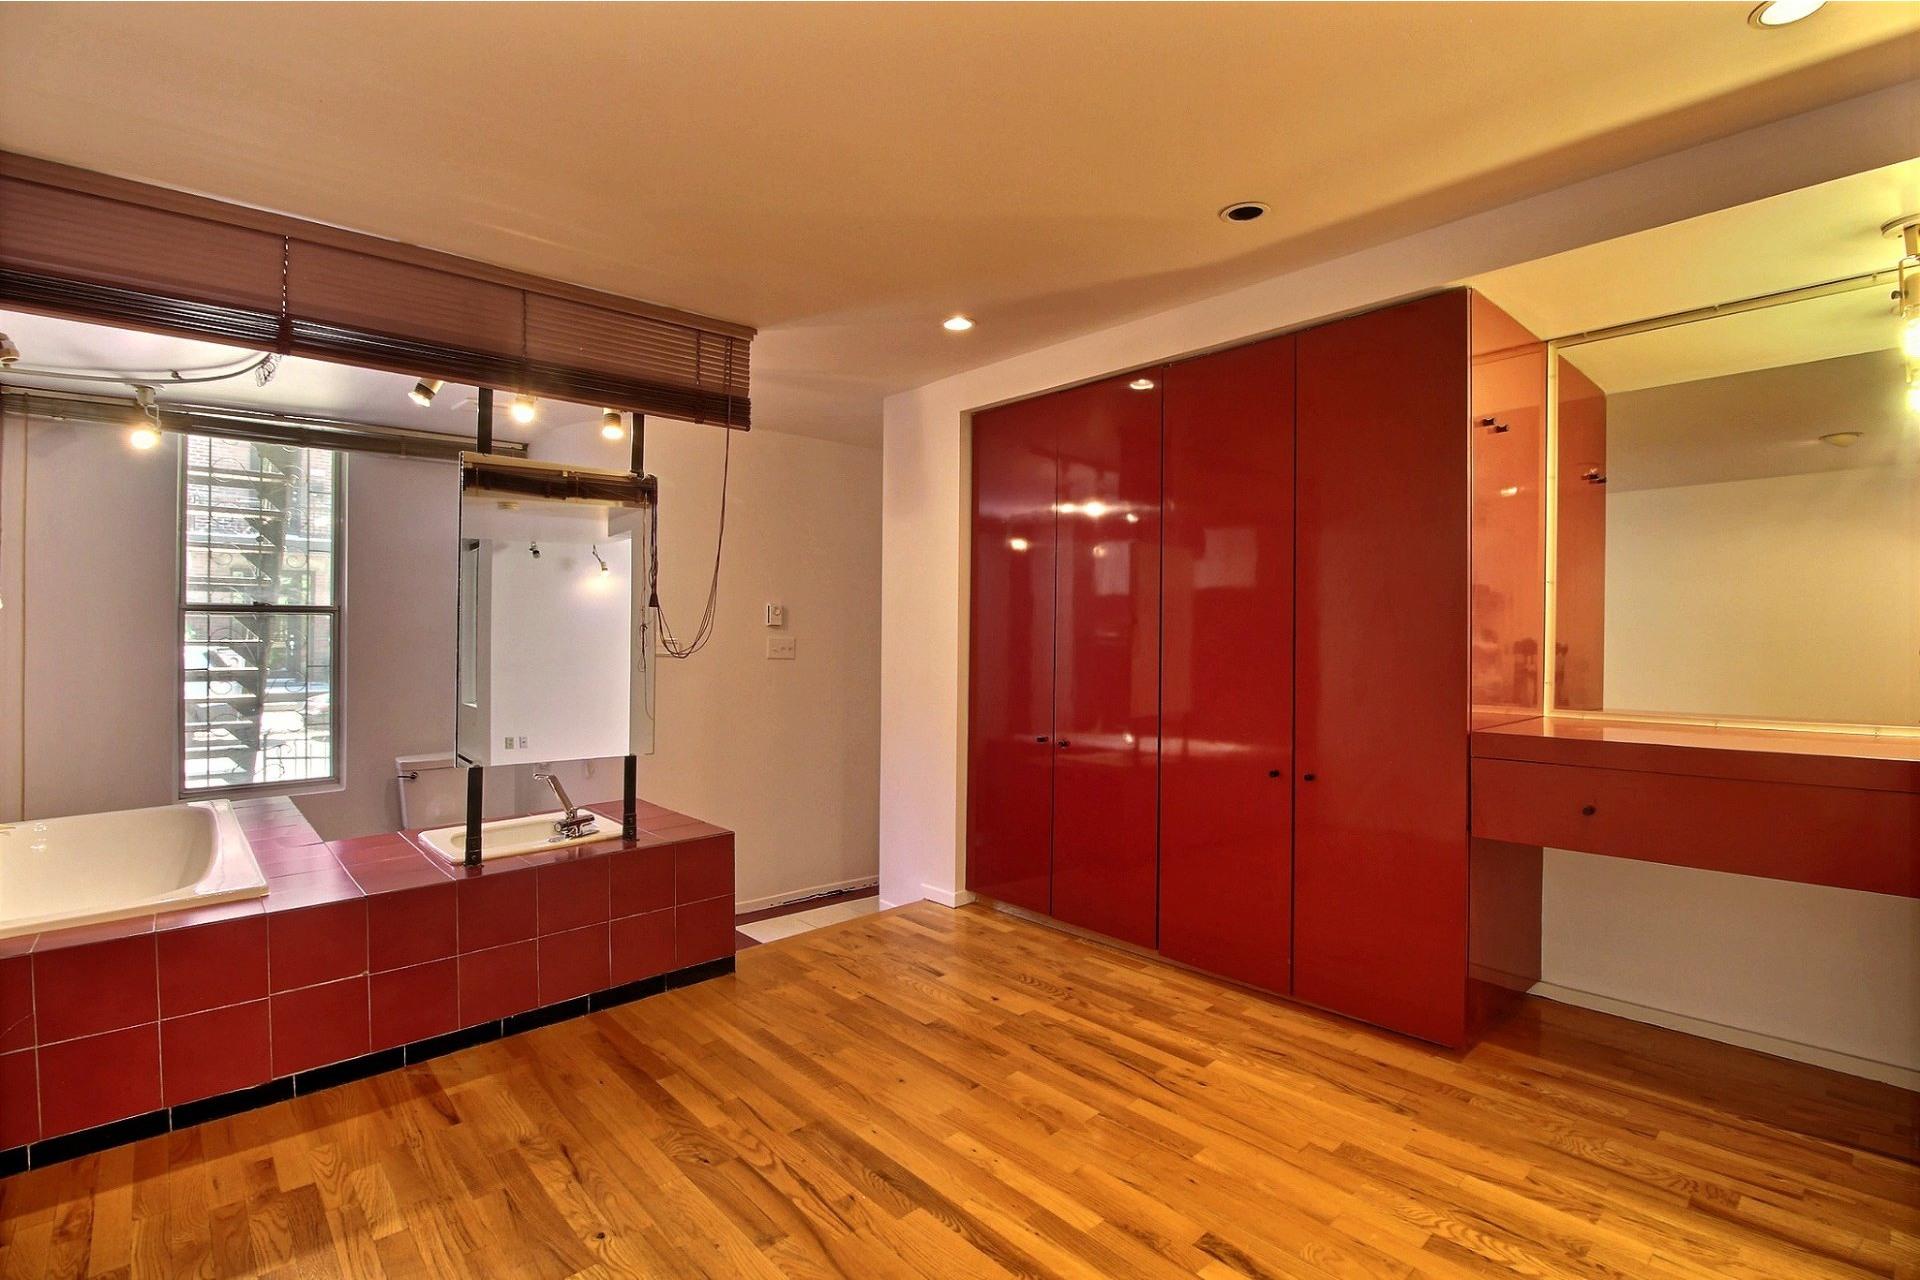 image 9 - Appartement À vendre Le Plateau-Mont-Royal Montréal  - 5 pièces